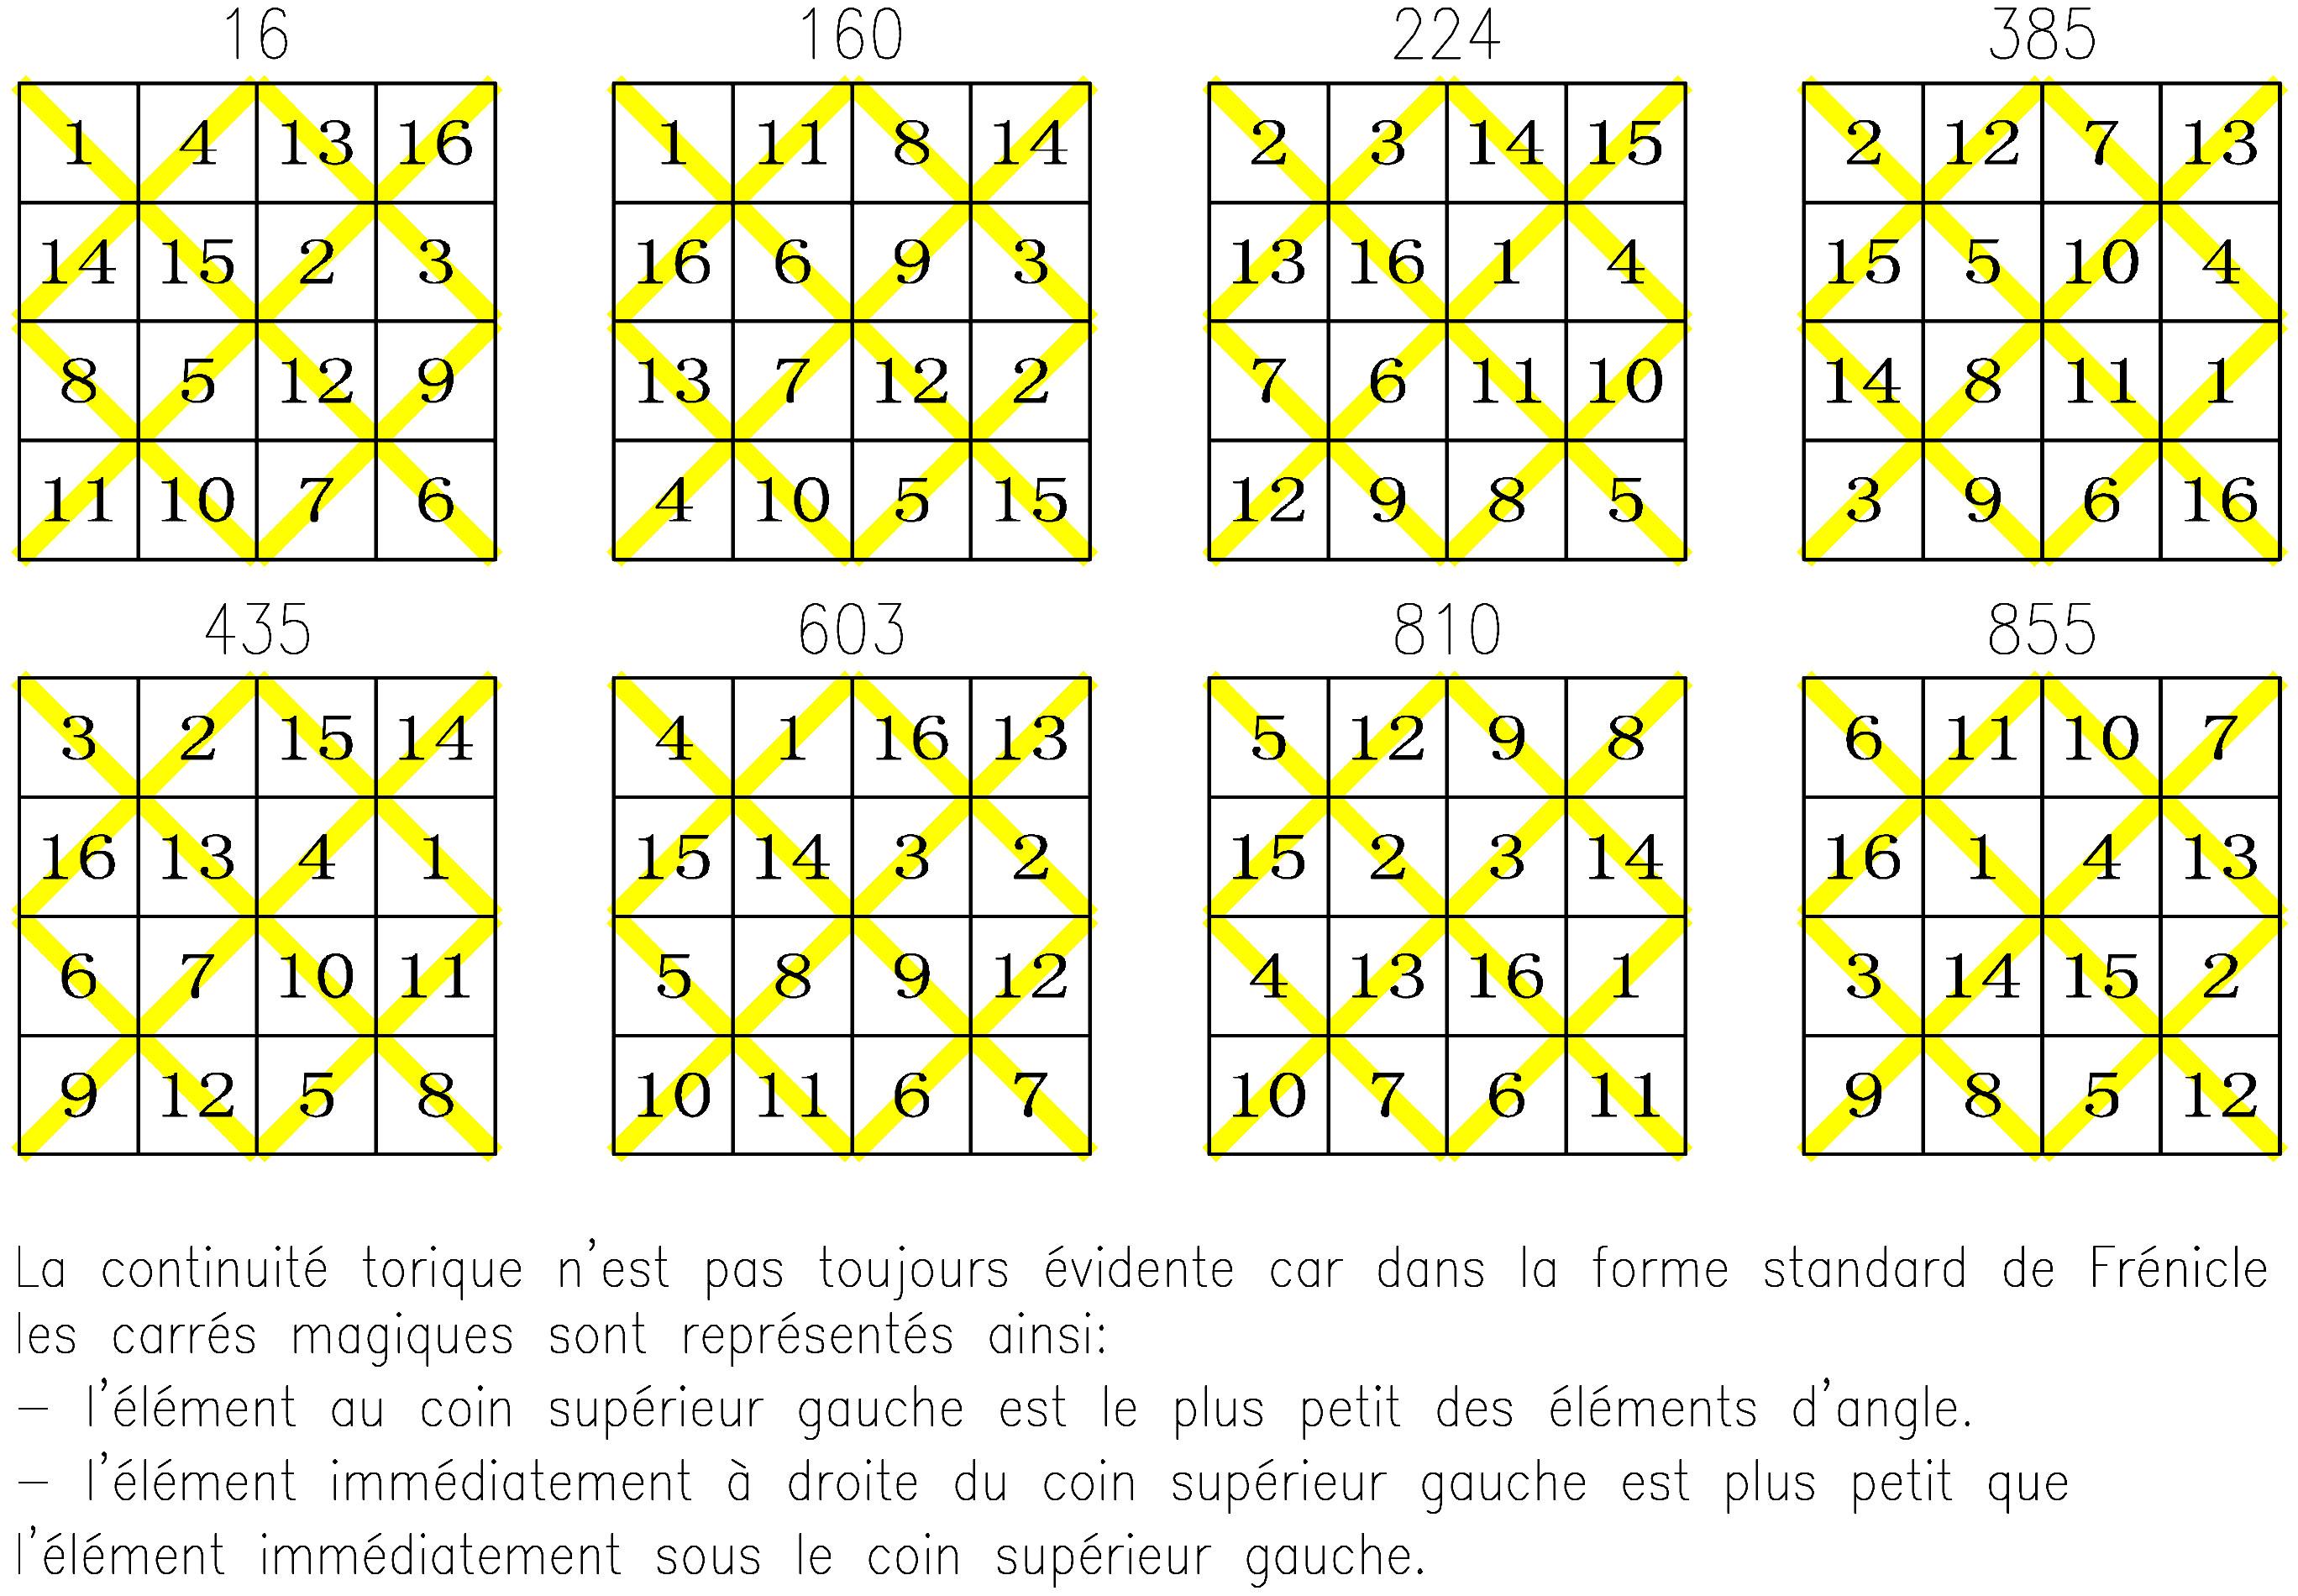 ordre 4 tore semi-panmagique type T4.02.1.01